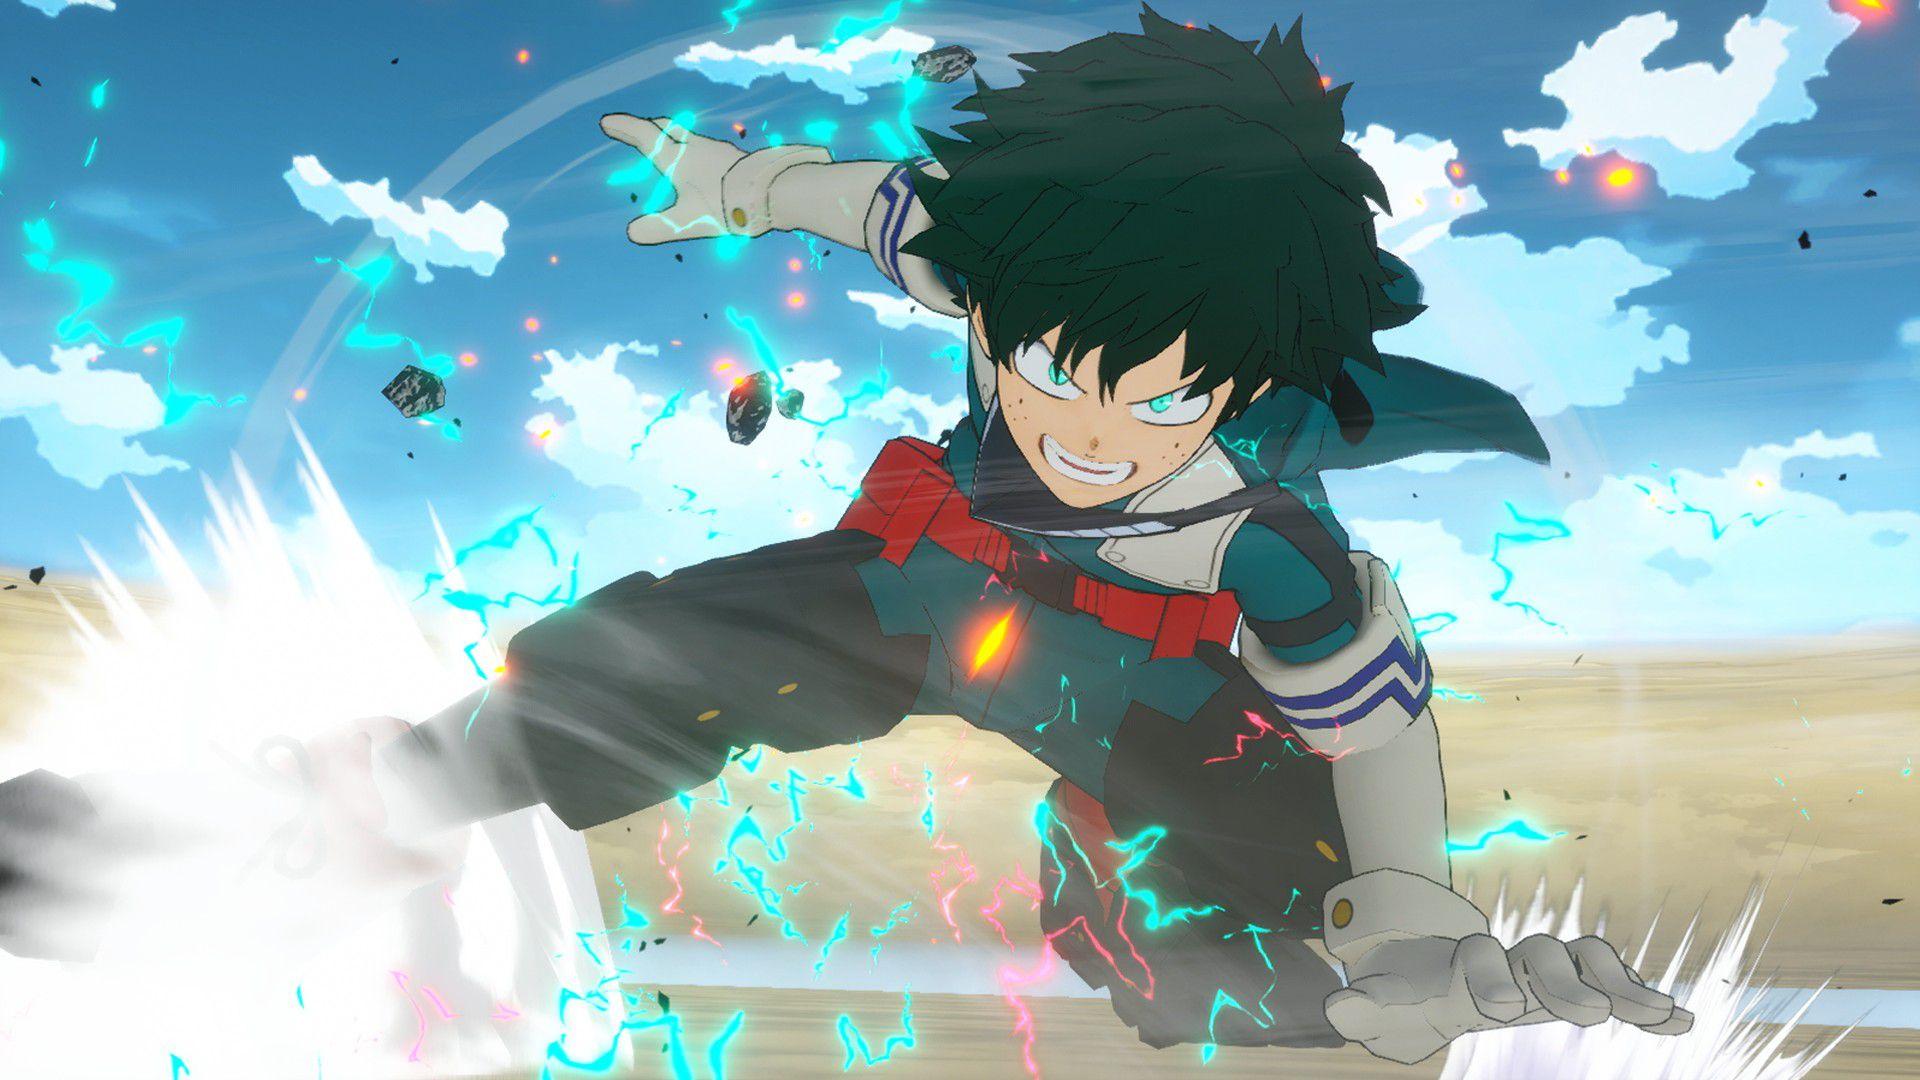 Incontri giochi di simulazione online Anime